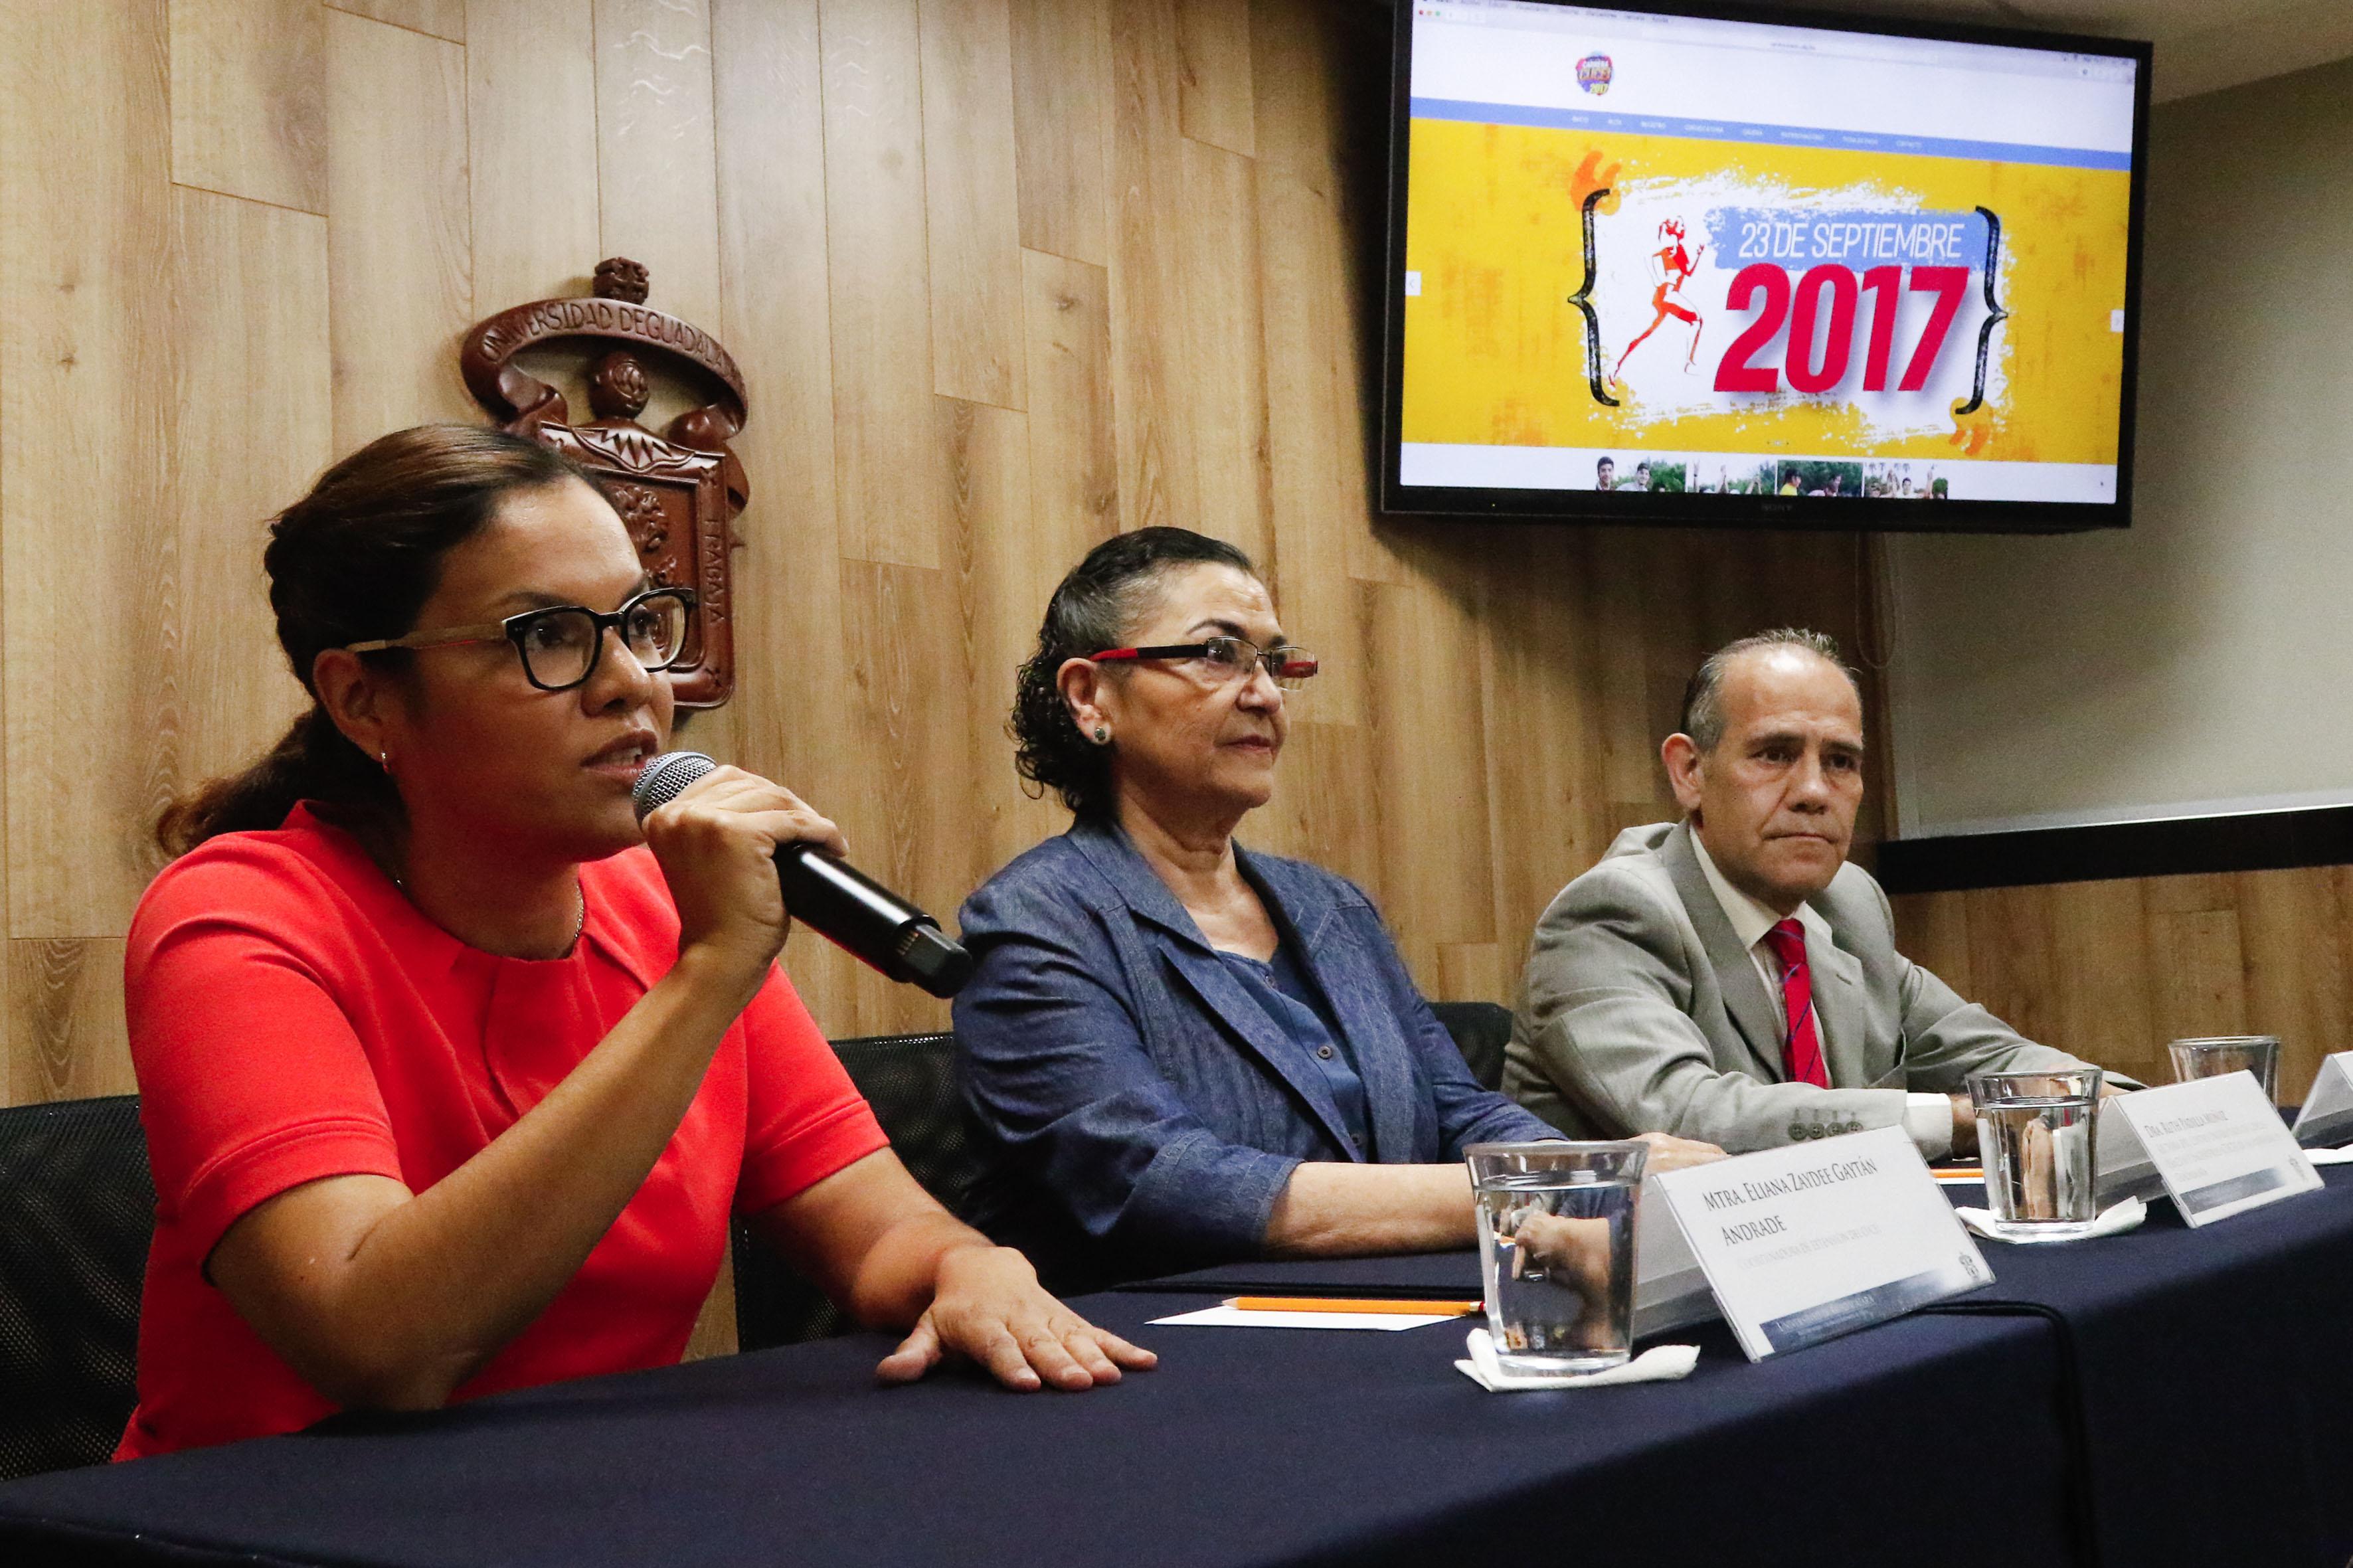 Maestra Eliana Gaytán Andrade, coordinadora de Extensión del CUCEI, con micrófono en mano haciendo el uso de la palabra en rueda de prensa.